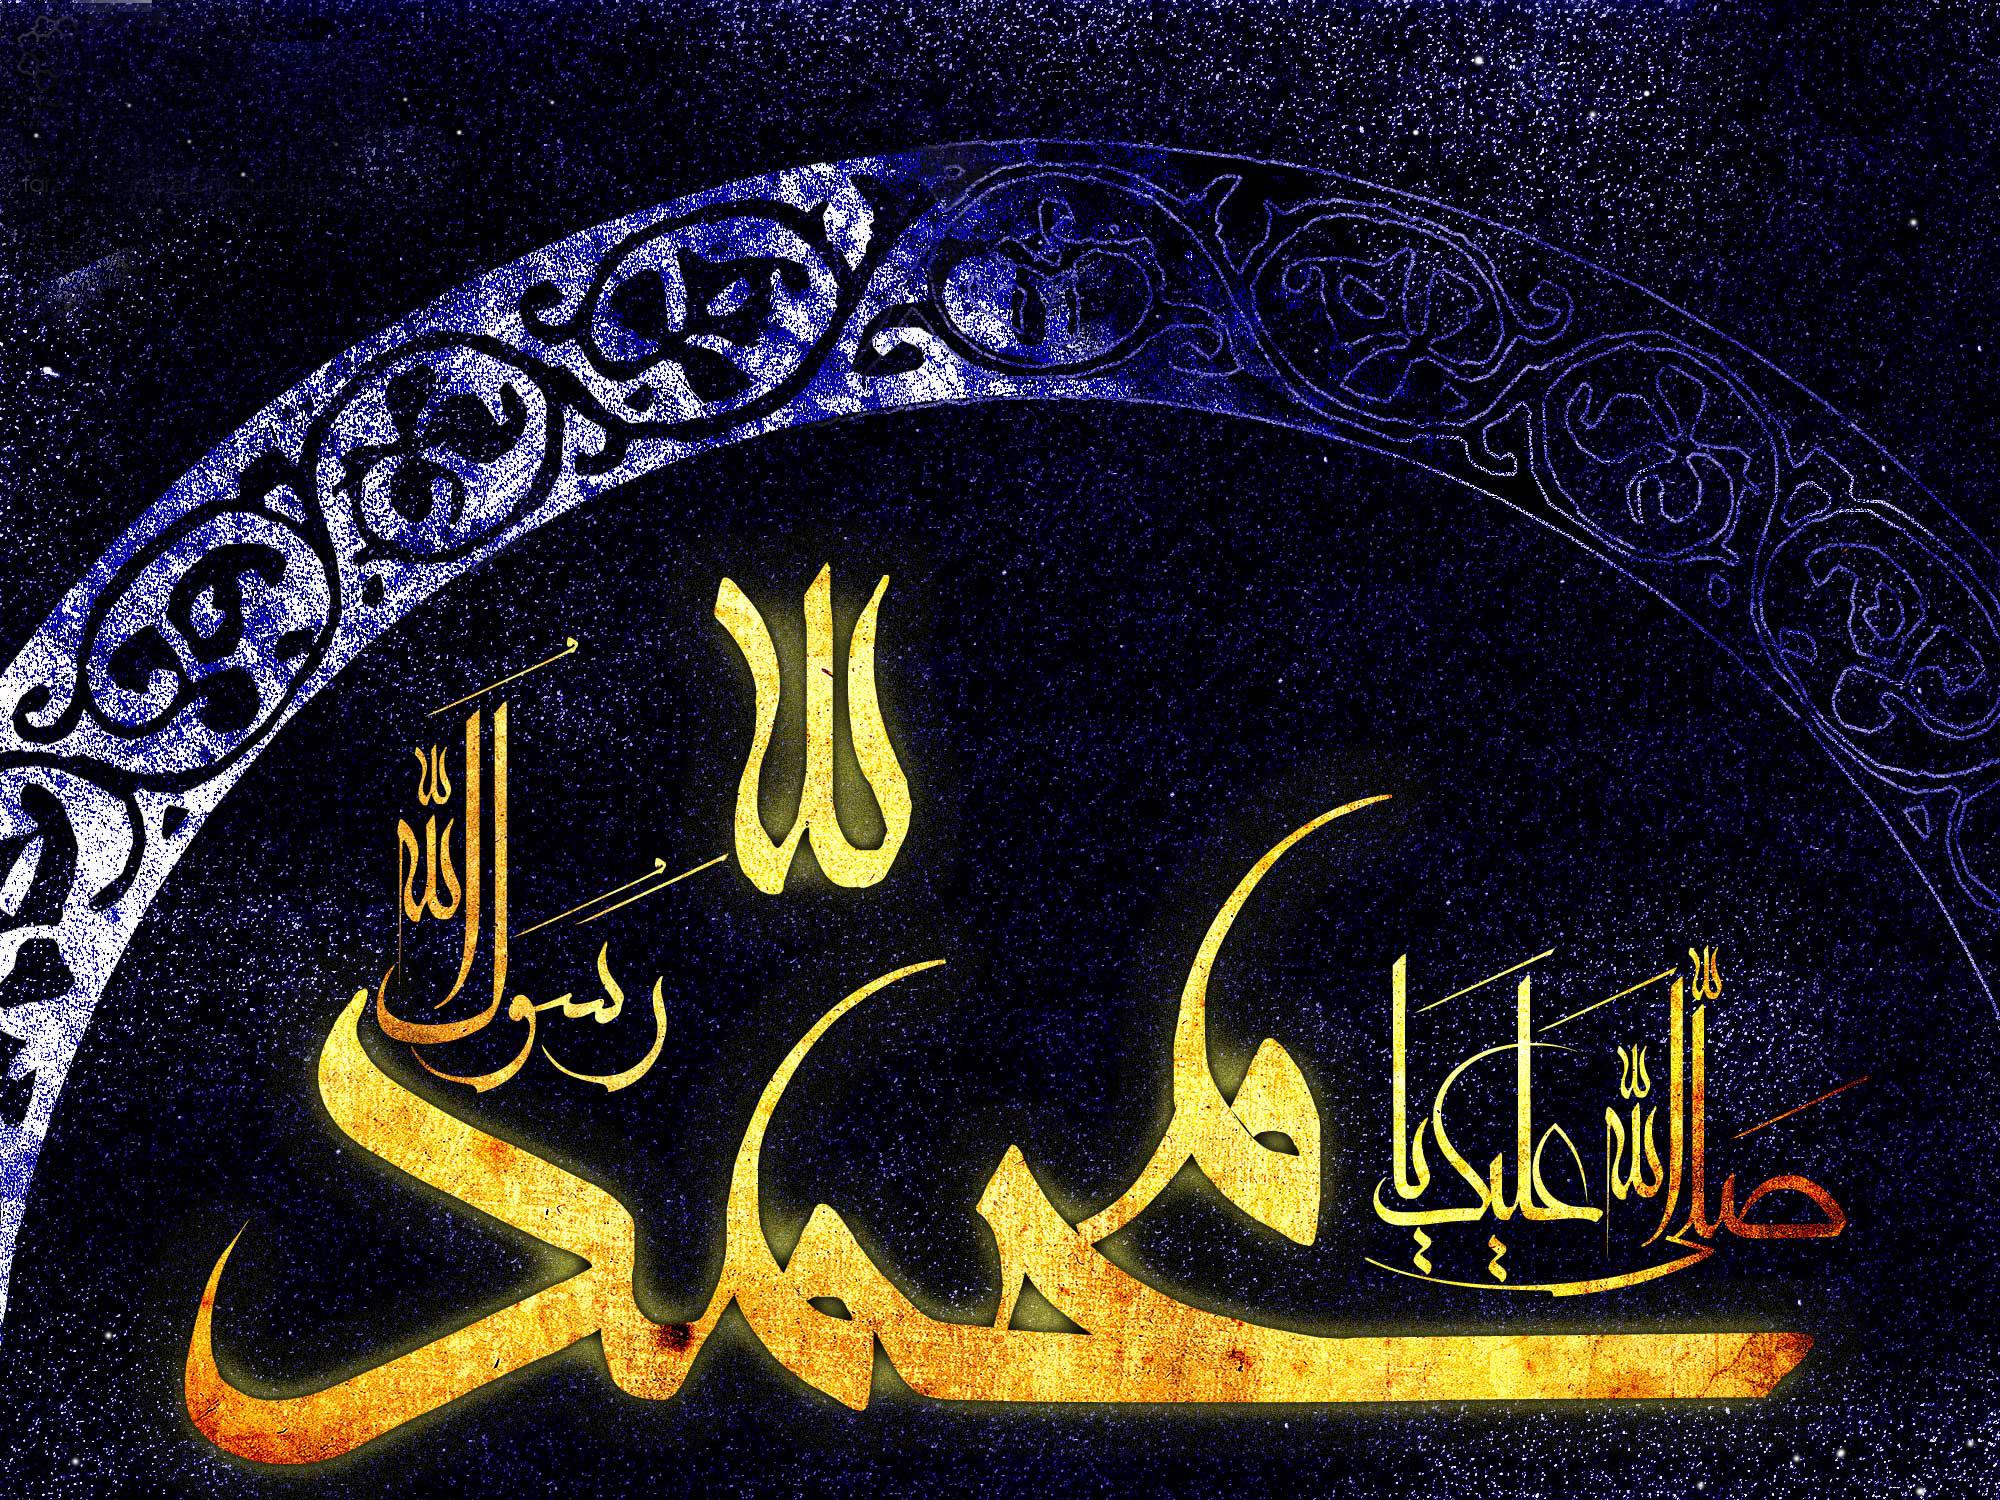 پیامبر اسلام(ص) چگونه نماز میخواند ؟